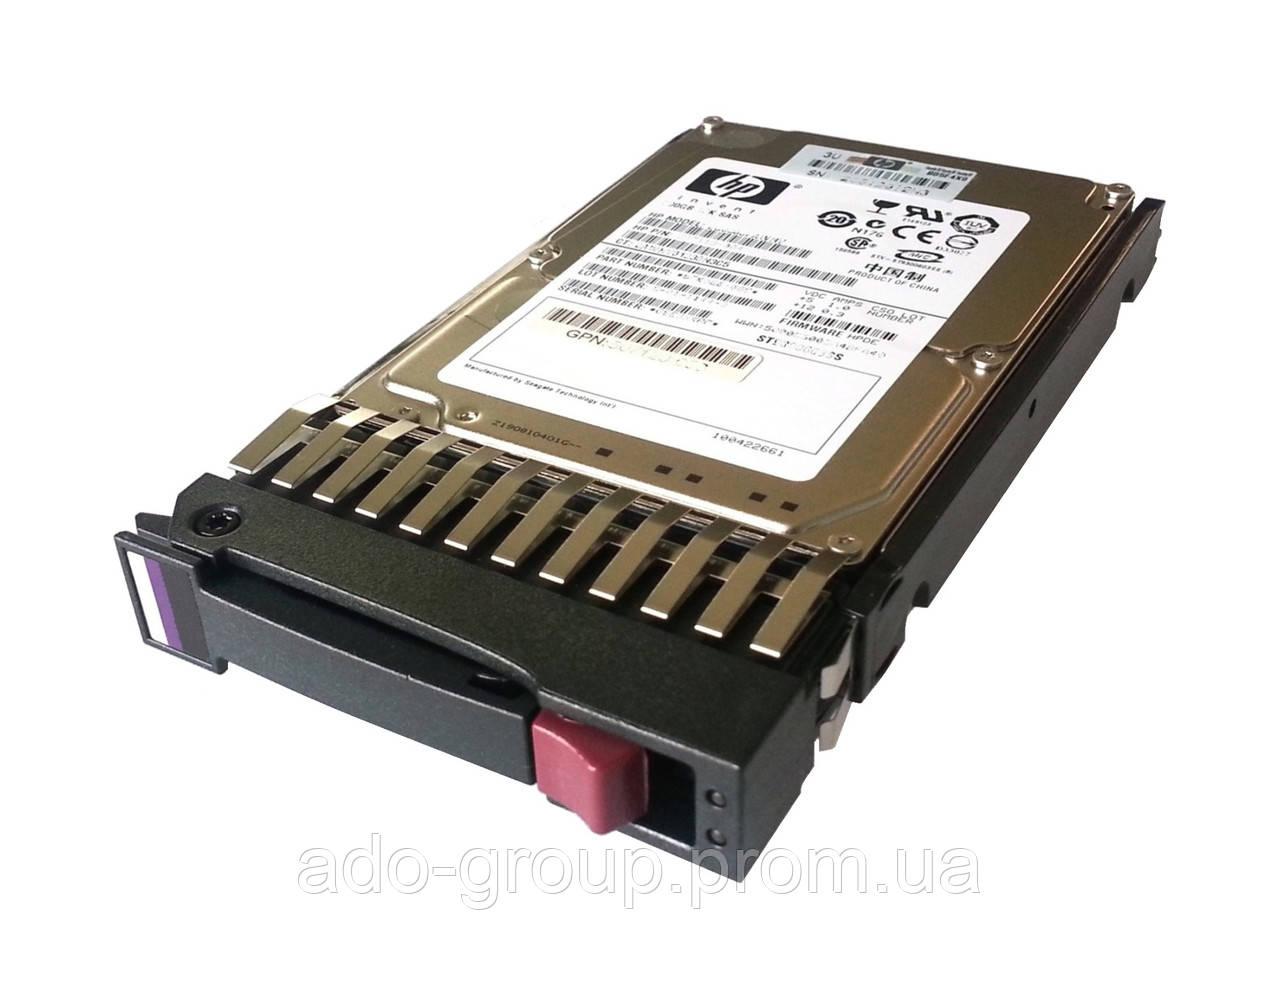 """512744-001 Жесткий диск HP 146GB SAS 15K 6G DP 2.5"""""""